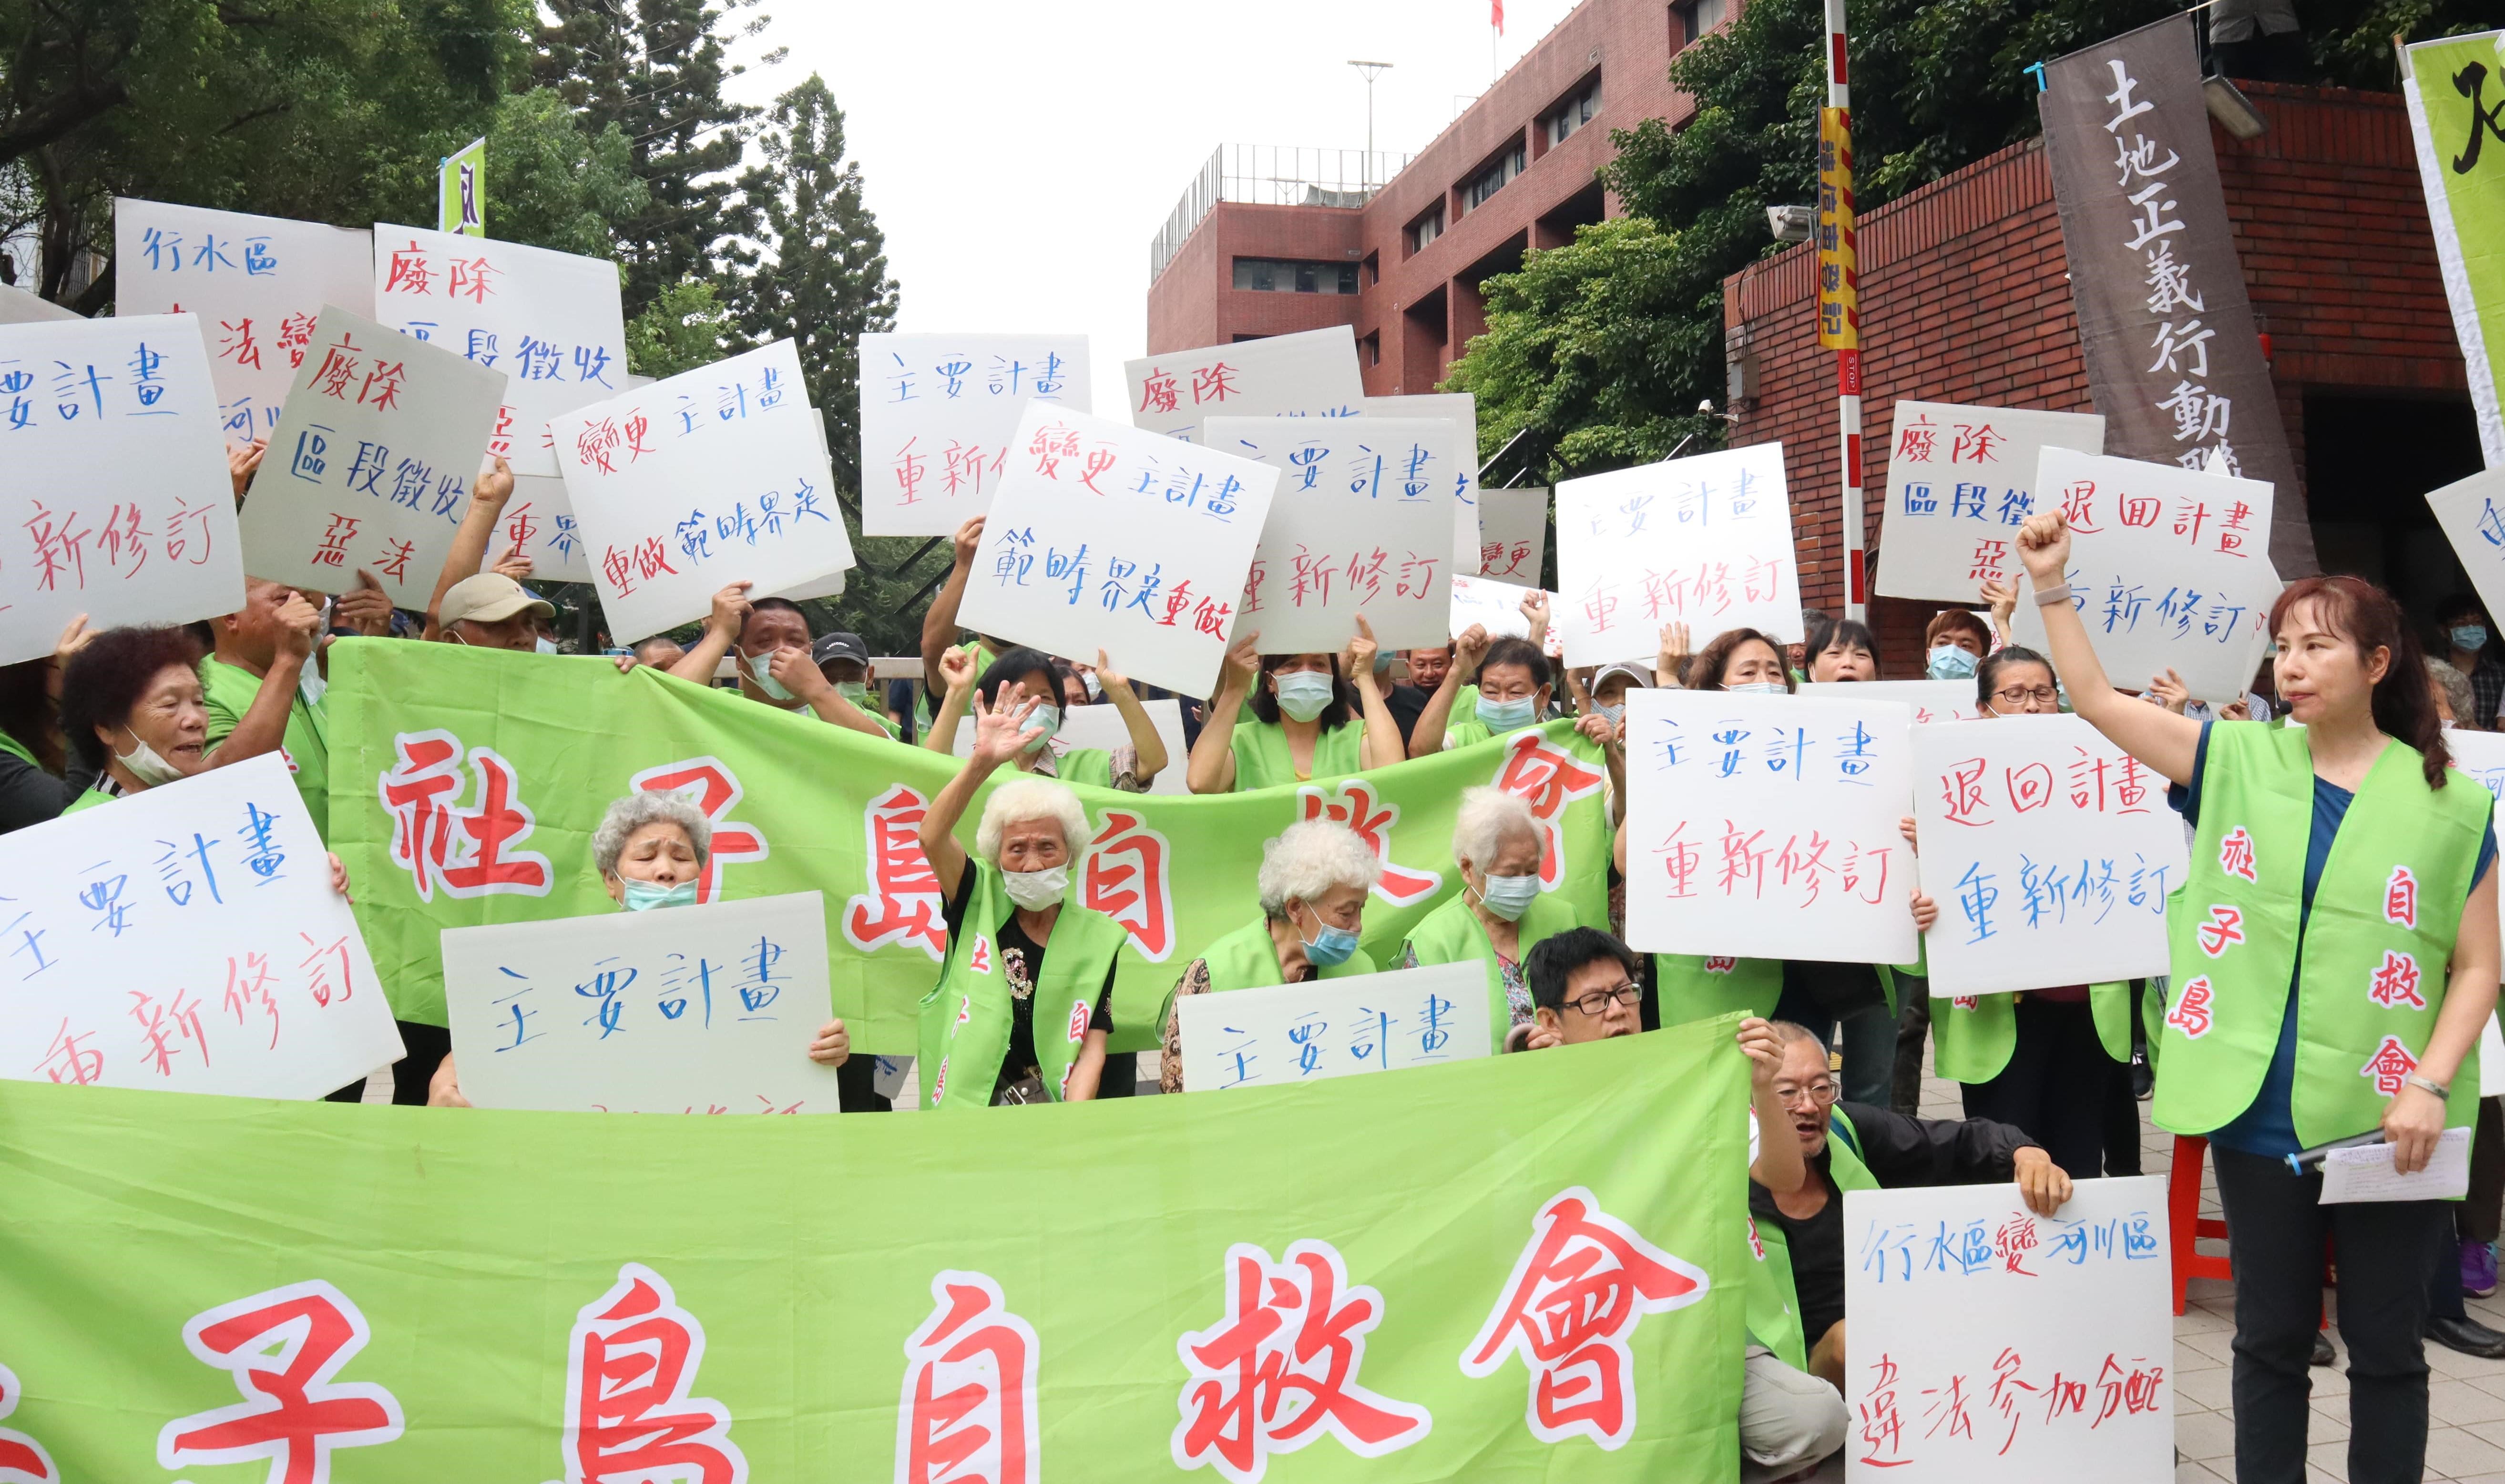 眾人齊喊:反對區段徵收、九大聚落全數保留